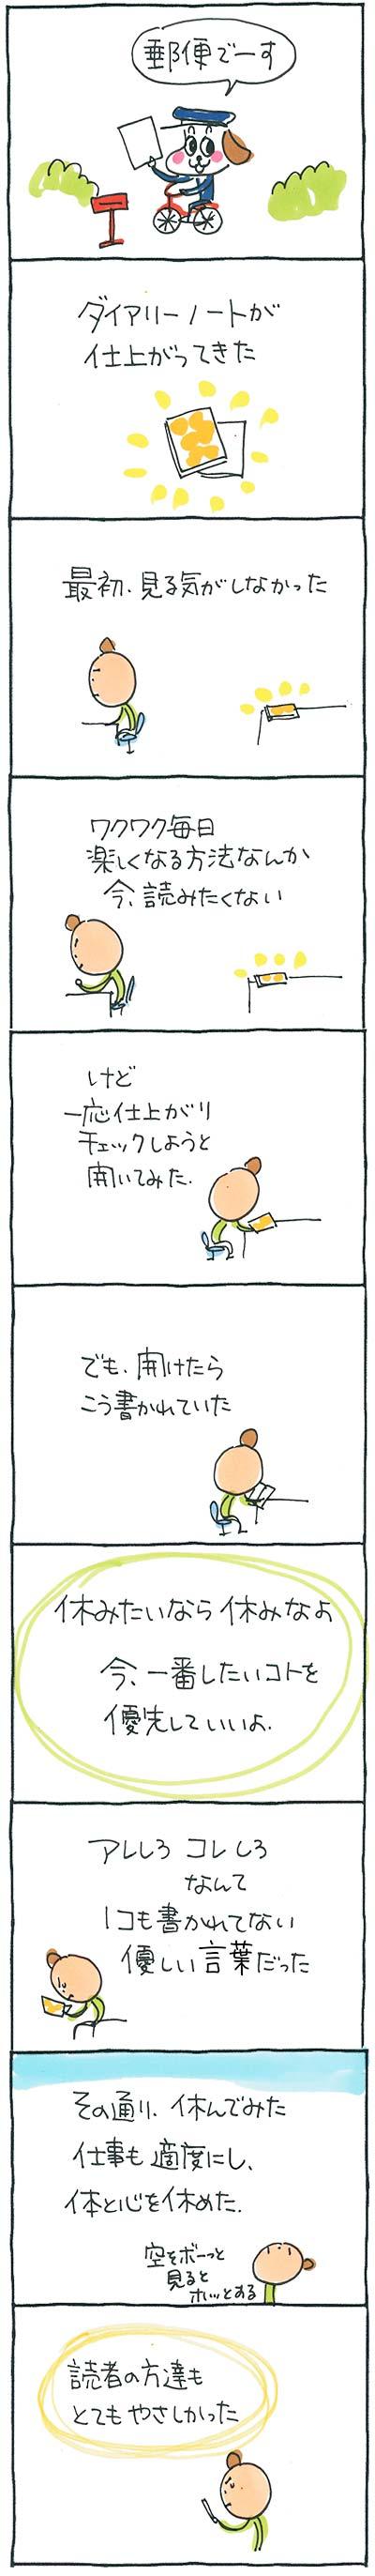 2017Y子ダイアリー03